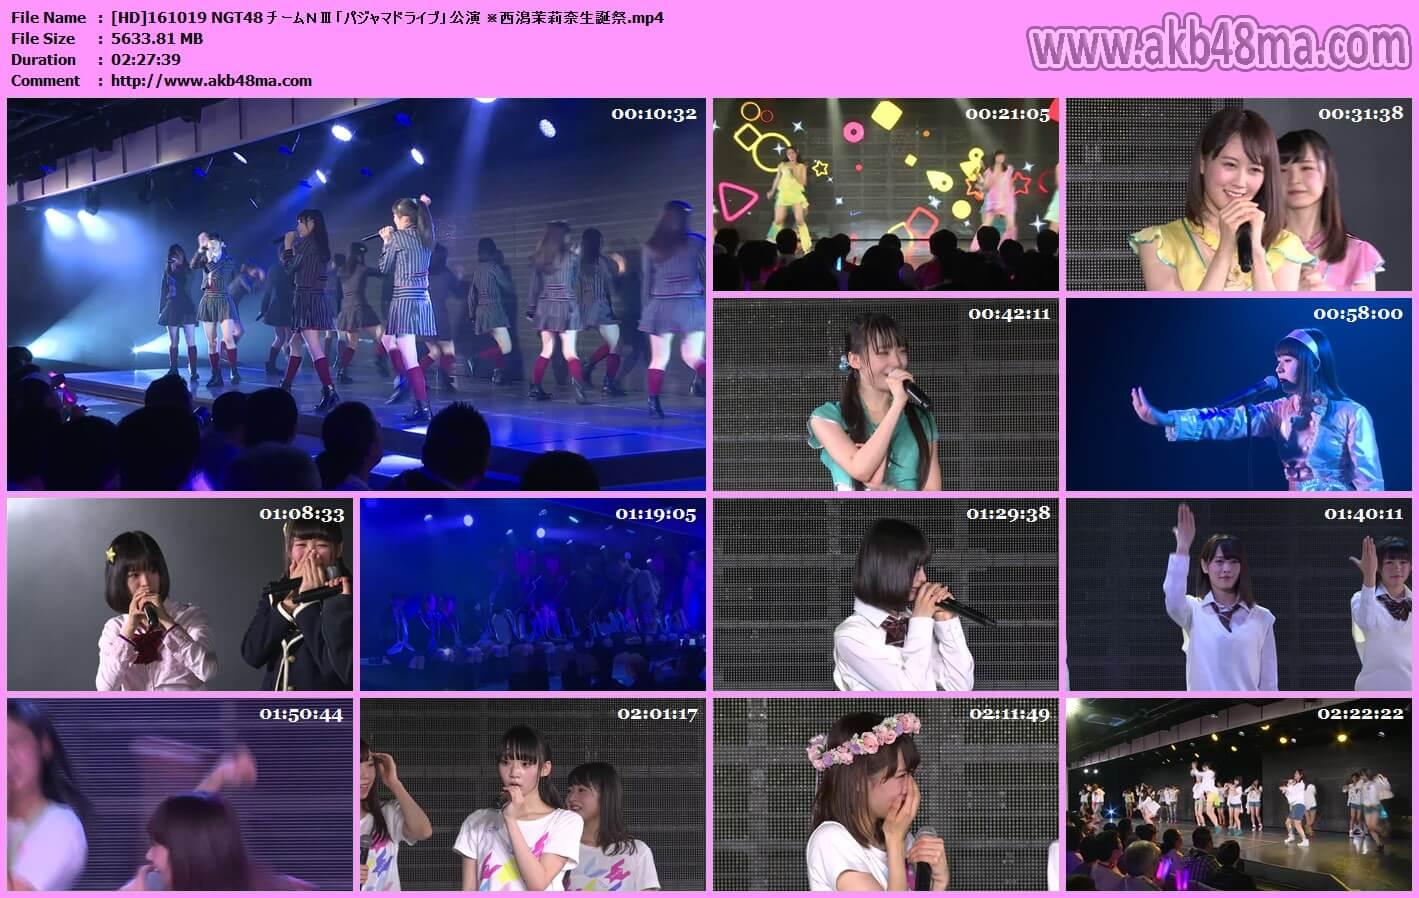 【公演配信】161019 NGT48 チームNⅢ「パジャマドライブ」公演